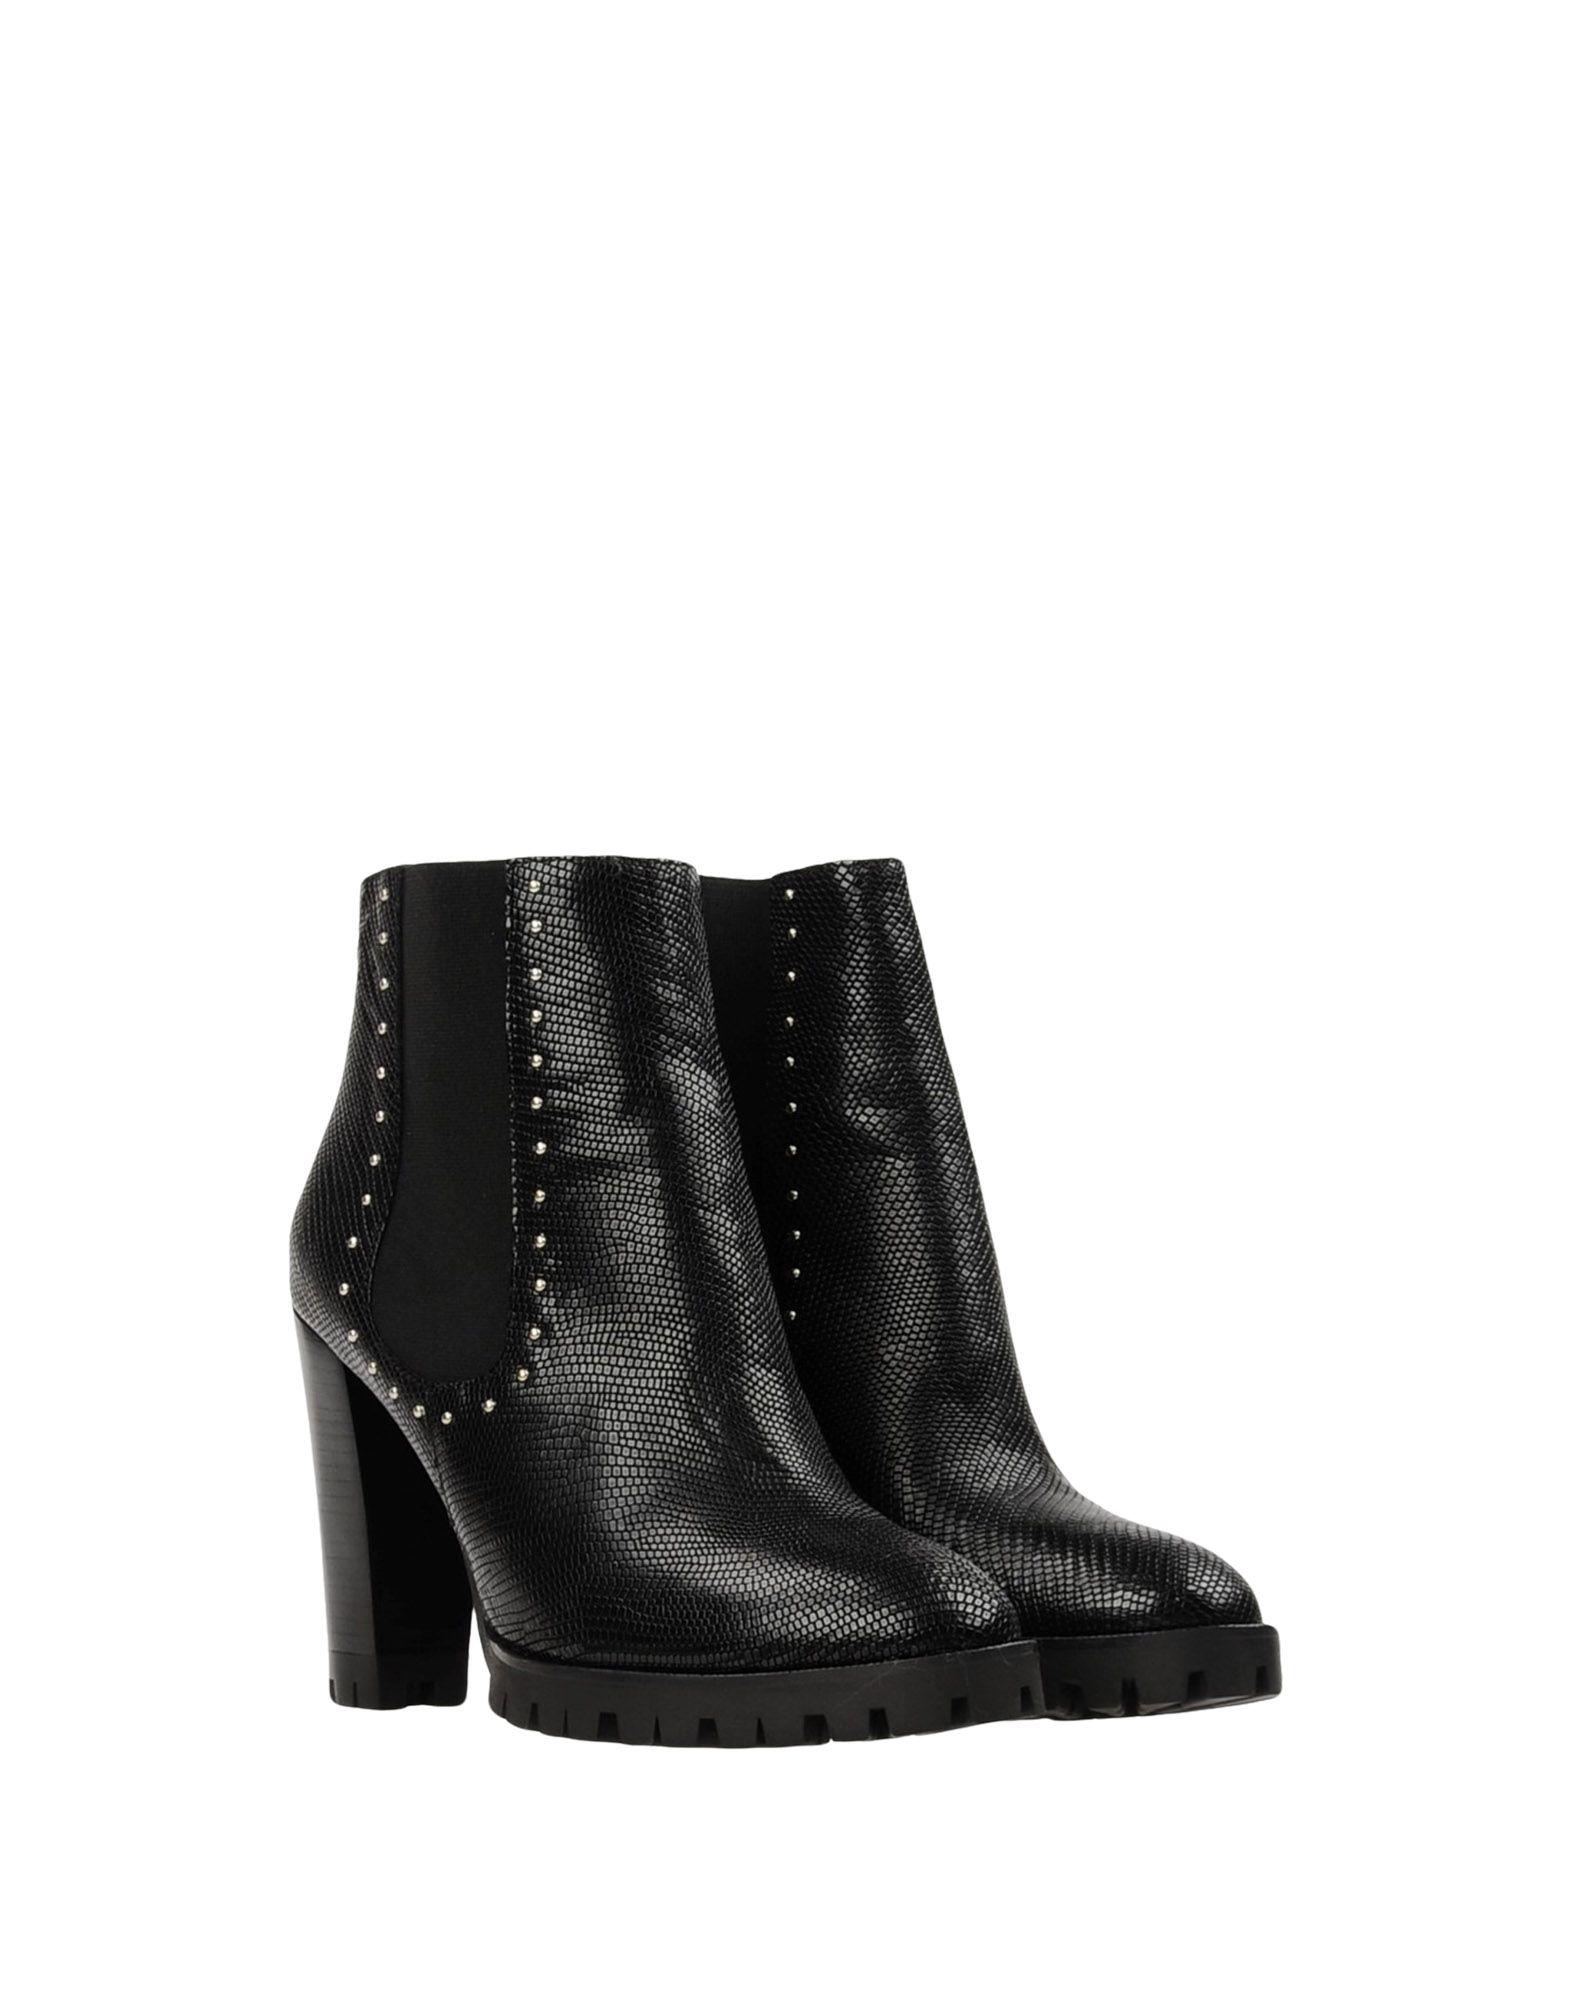 52dc367d9ef454 ... Rabatt Schuhe The Kooples Chelsea Boots Damen Kooples 11365884QL 294122  ...